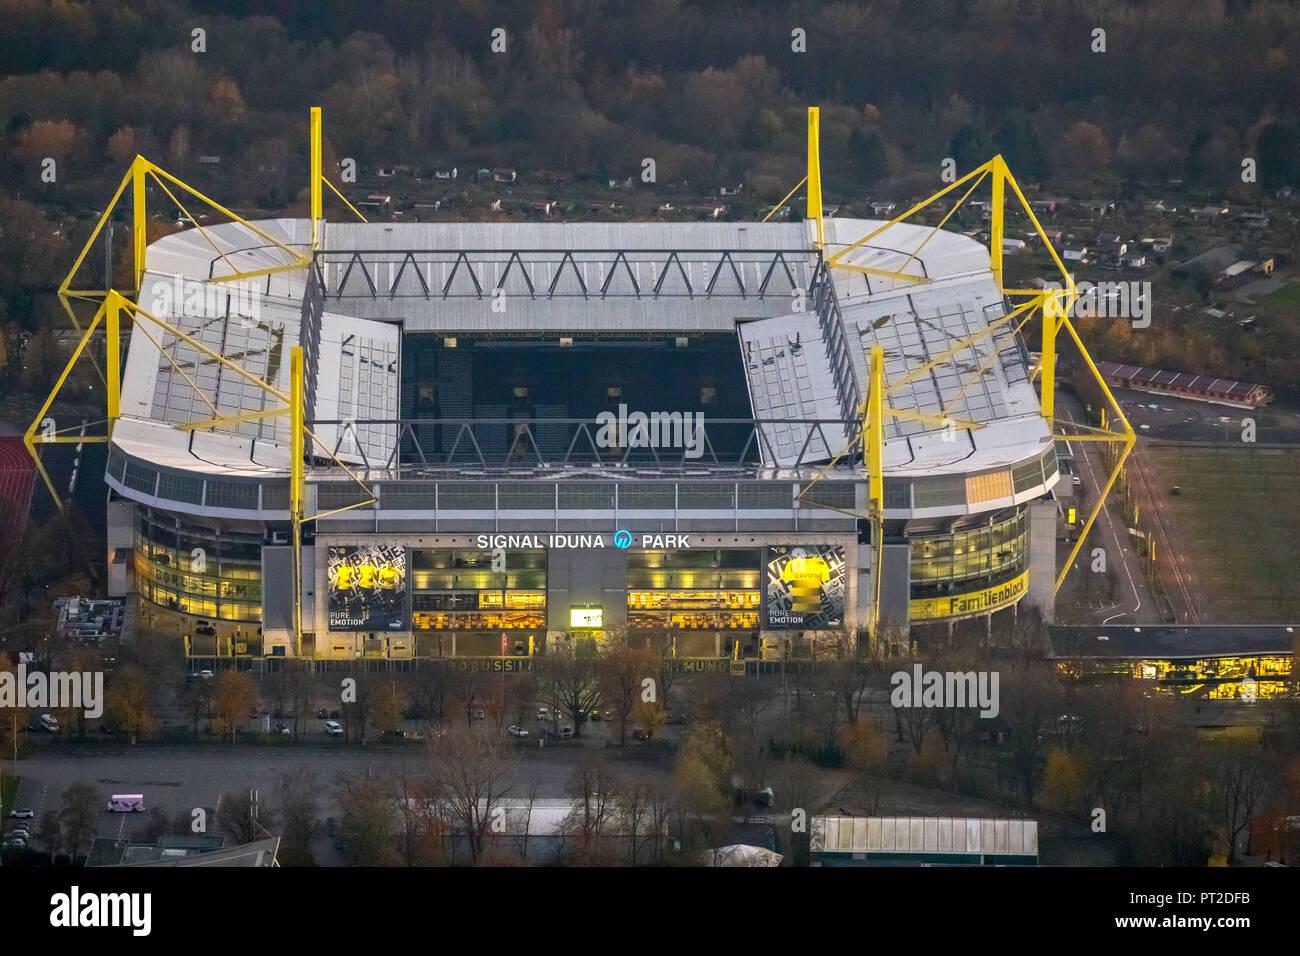 SignalIdunaPark, BVB Stadium, Westfalenstadion at dusk, night shot, lights, Dortmund, Ruhr area, North Rhine-Westphalia, Germany - Stock Image